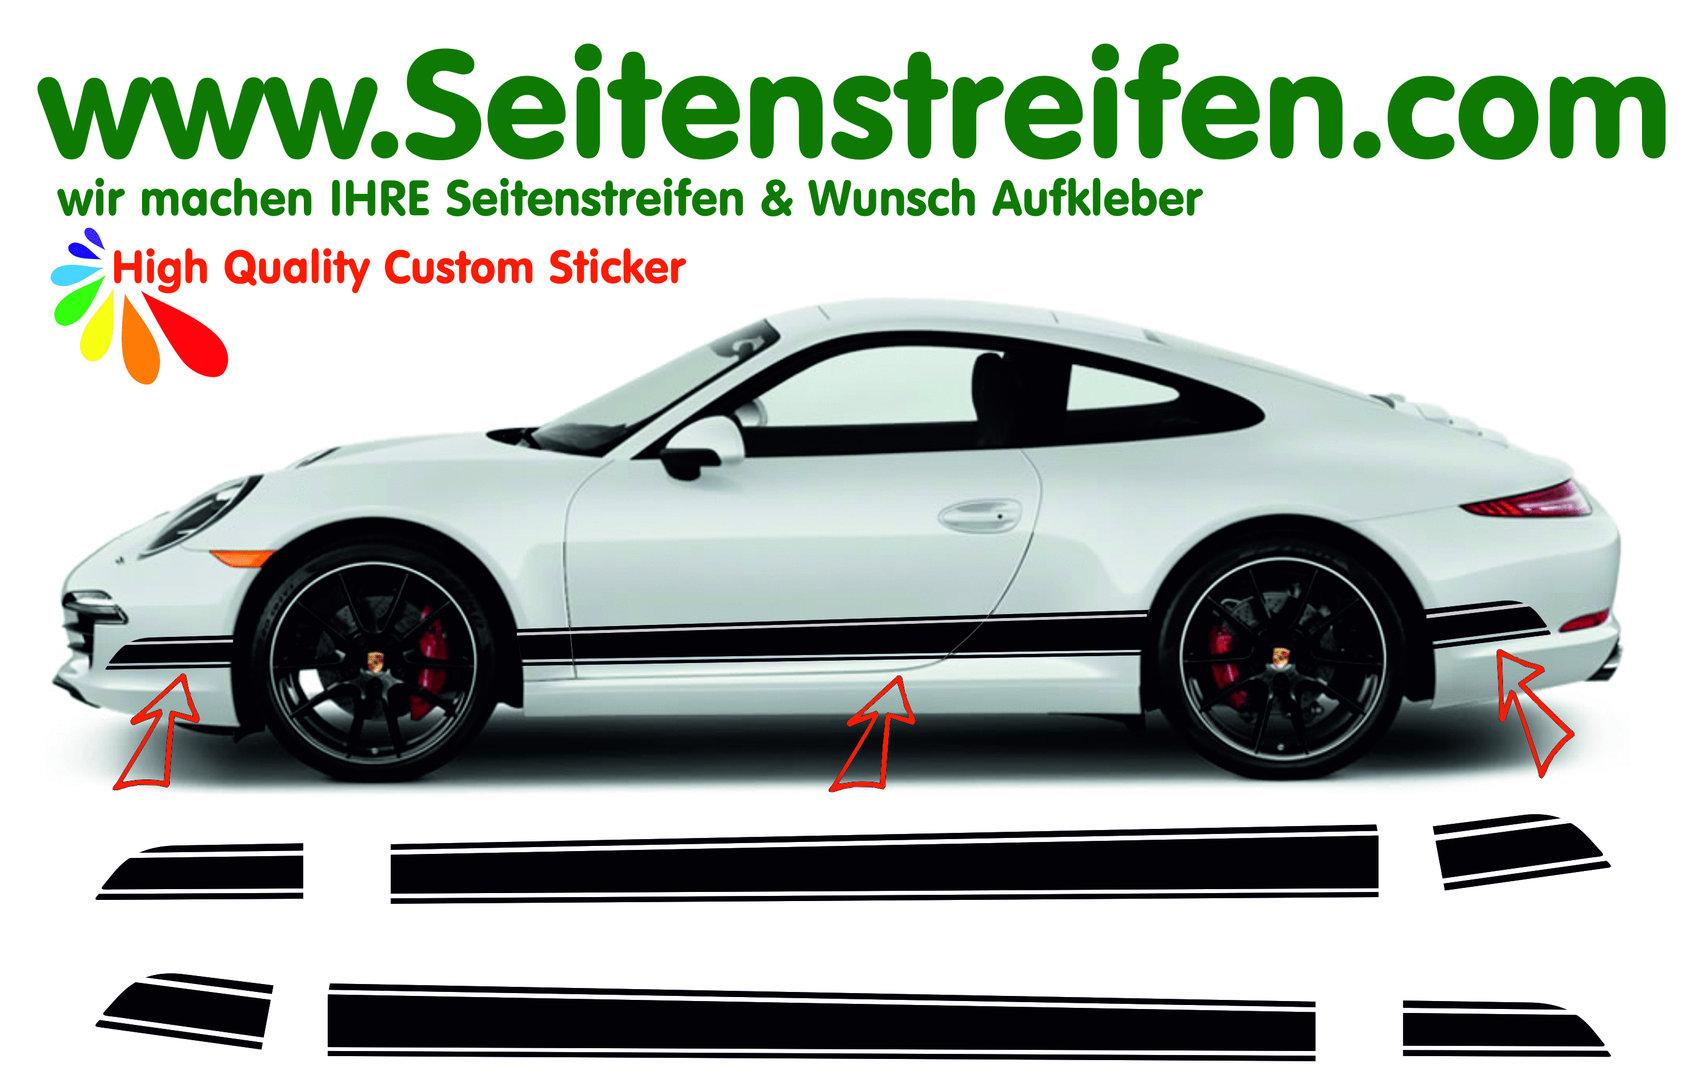 911 seitenstreifen version 3 jpg